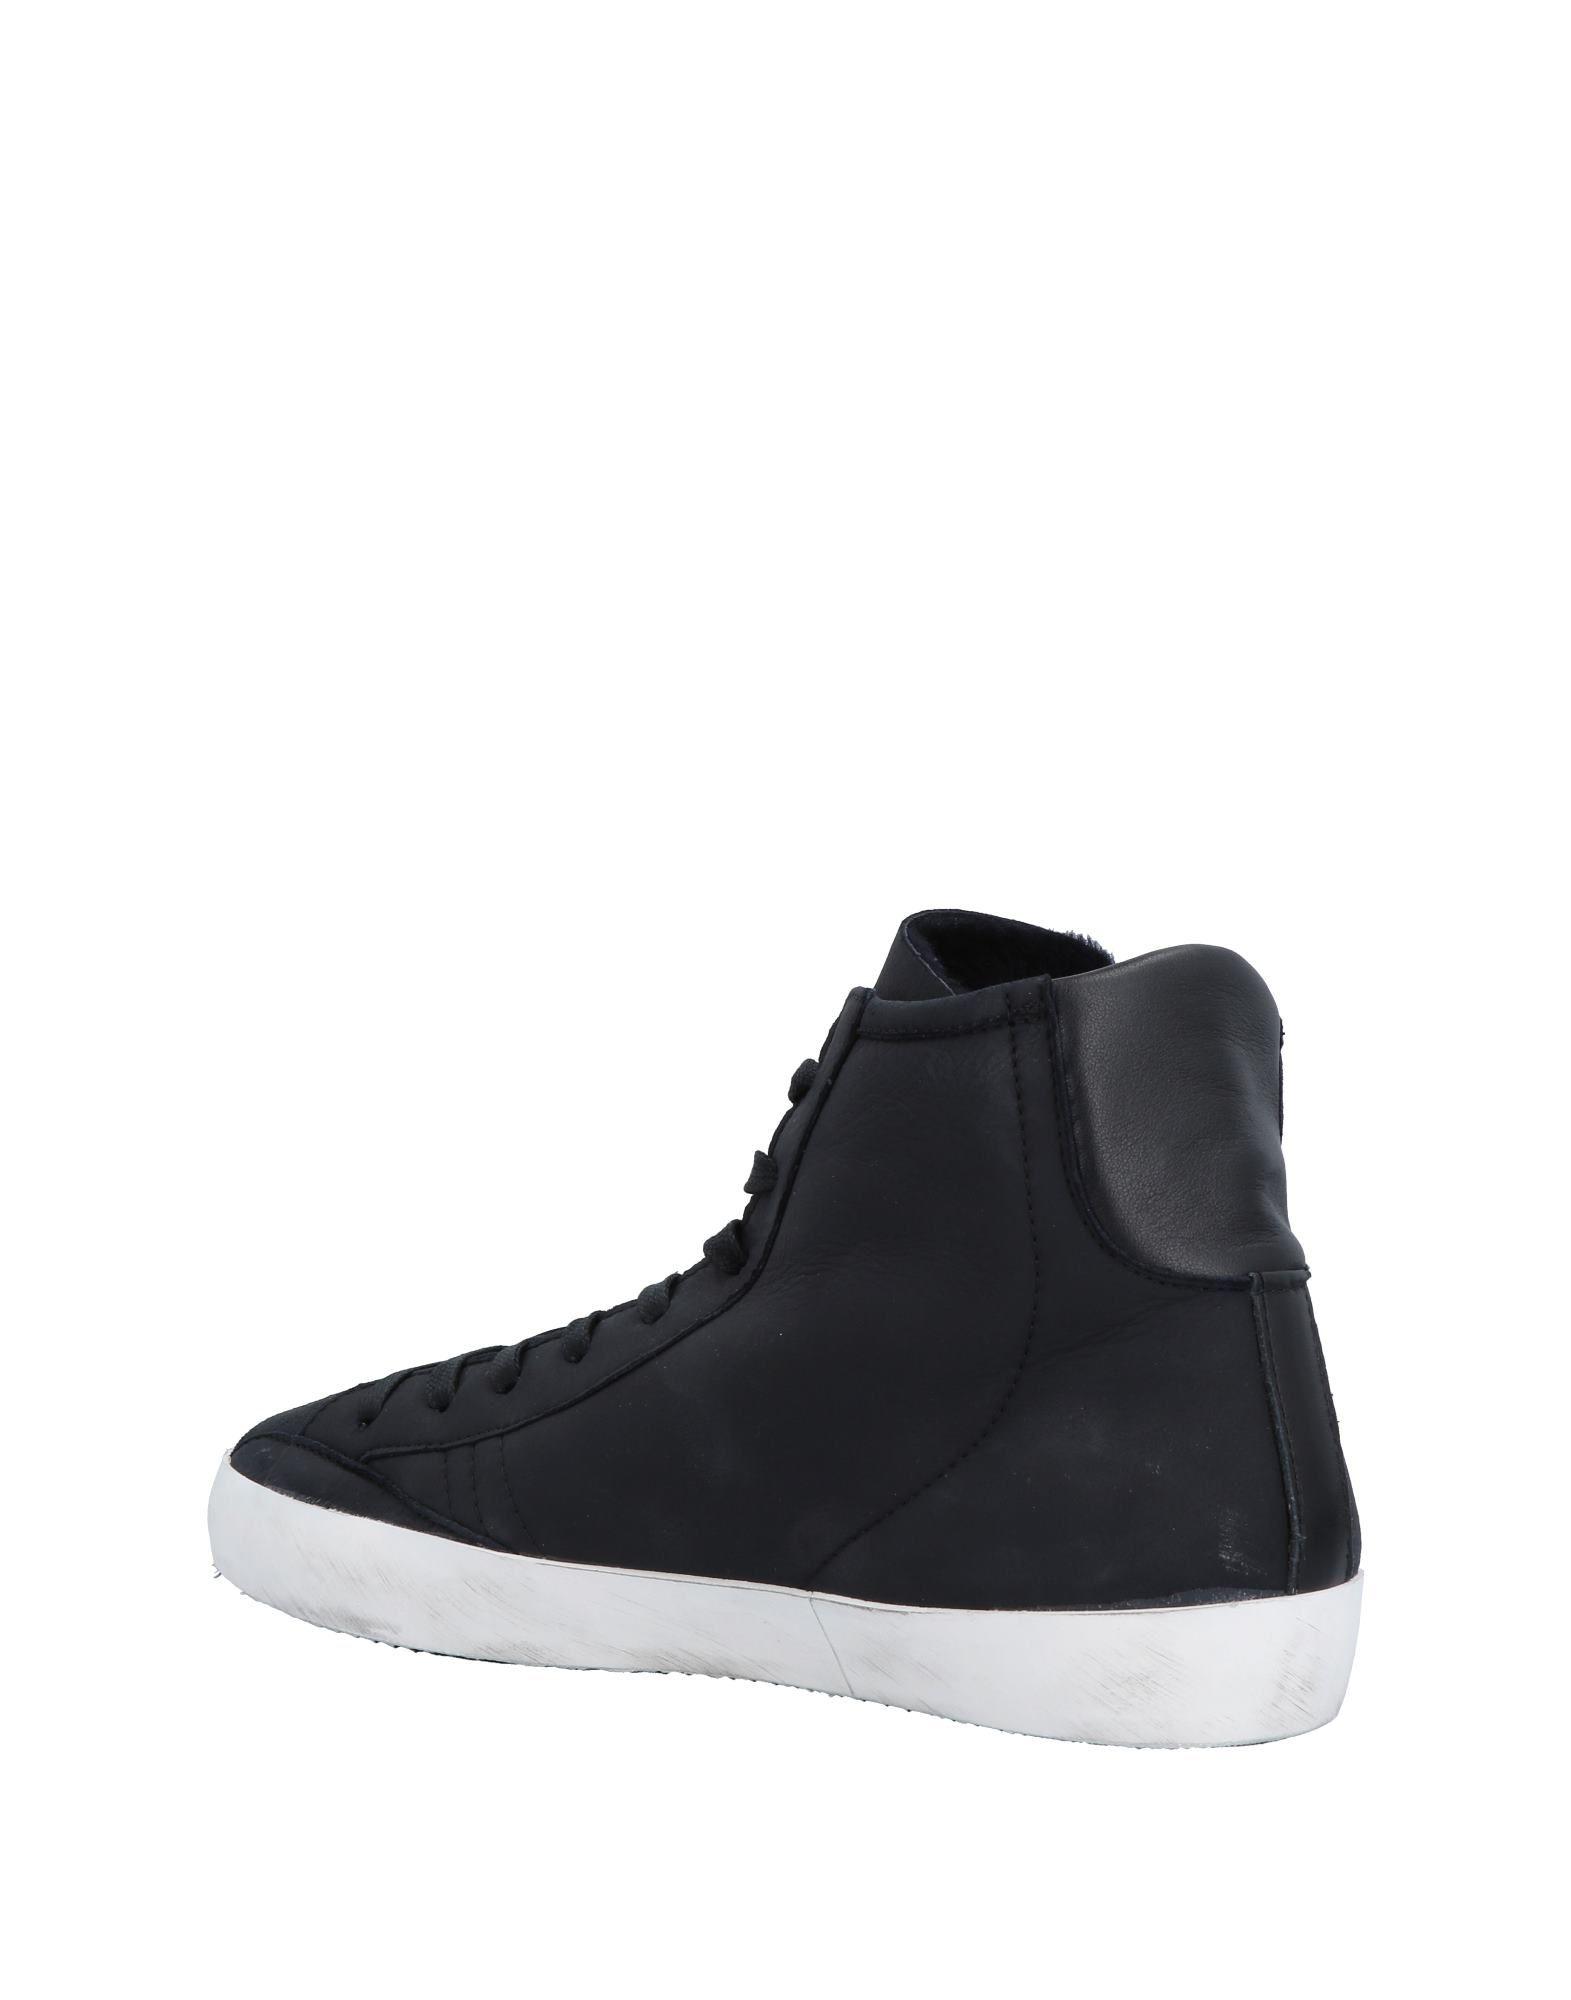 Philippe Model Sneakers Herren beliebte  11488126KU Gute Qualität beliebte Herren Schuhe 748cb8